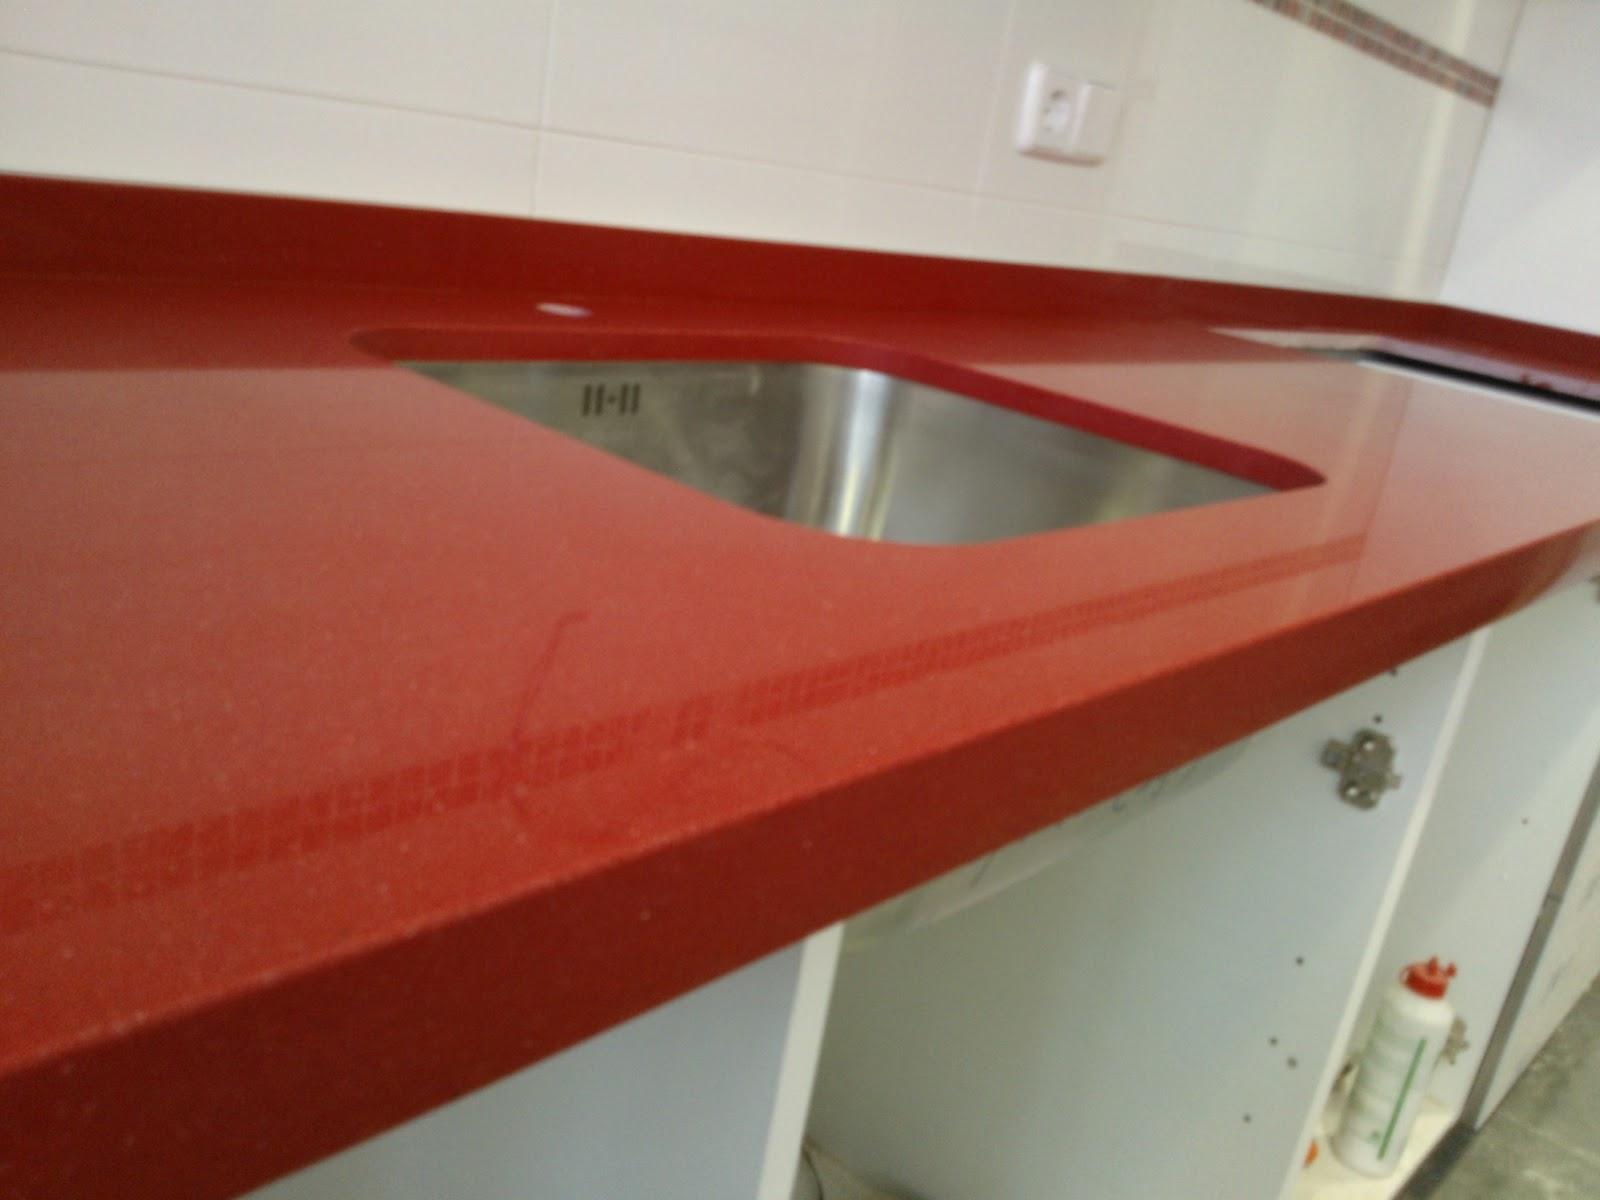 Marmoles vedat s l u encimera silestone rojo eros for Granito color rojo